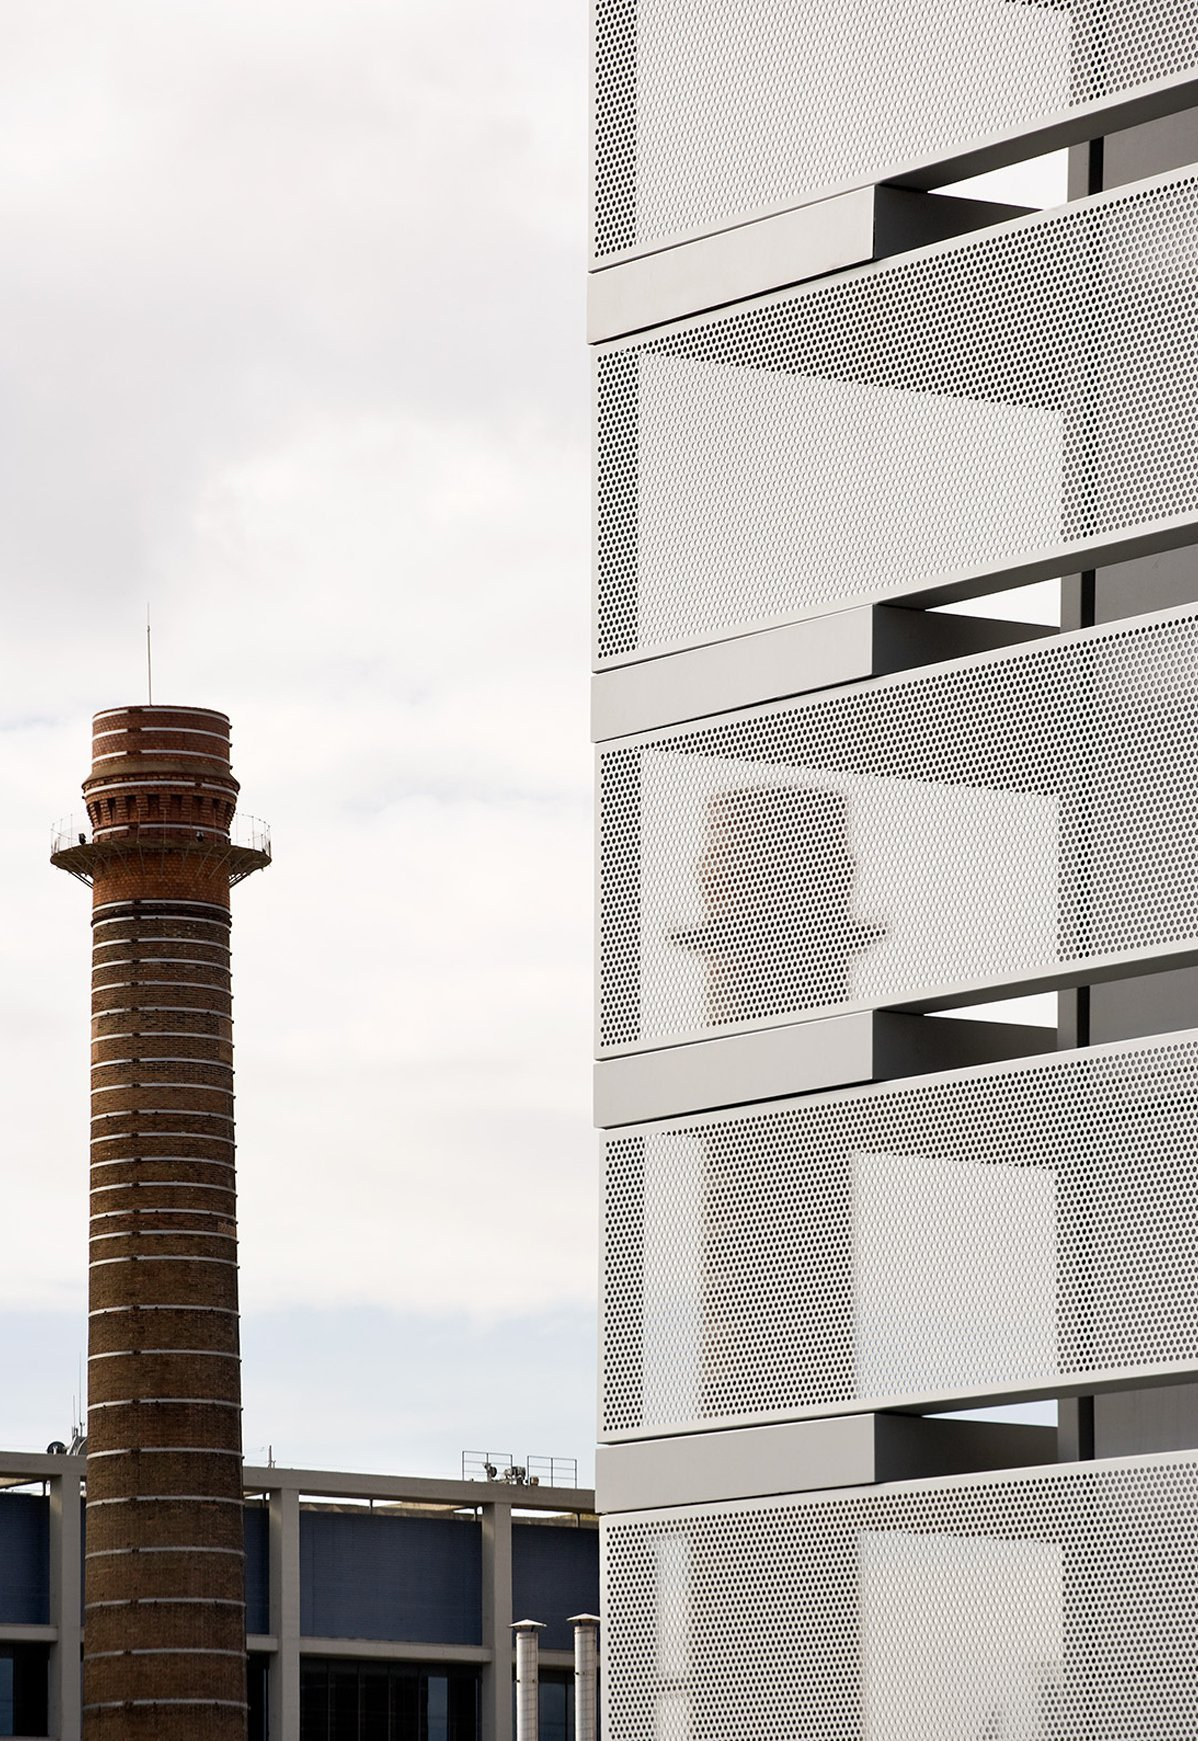 Galer a de edificio de oficinas de la tesorer a de la seguridad social bcq arquitectura - Oficina seguridad social barcelona ...